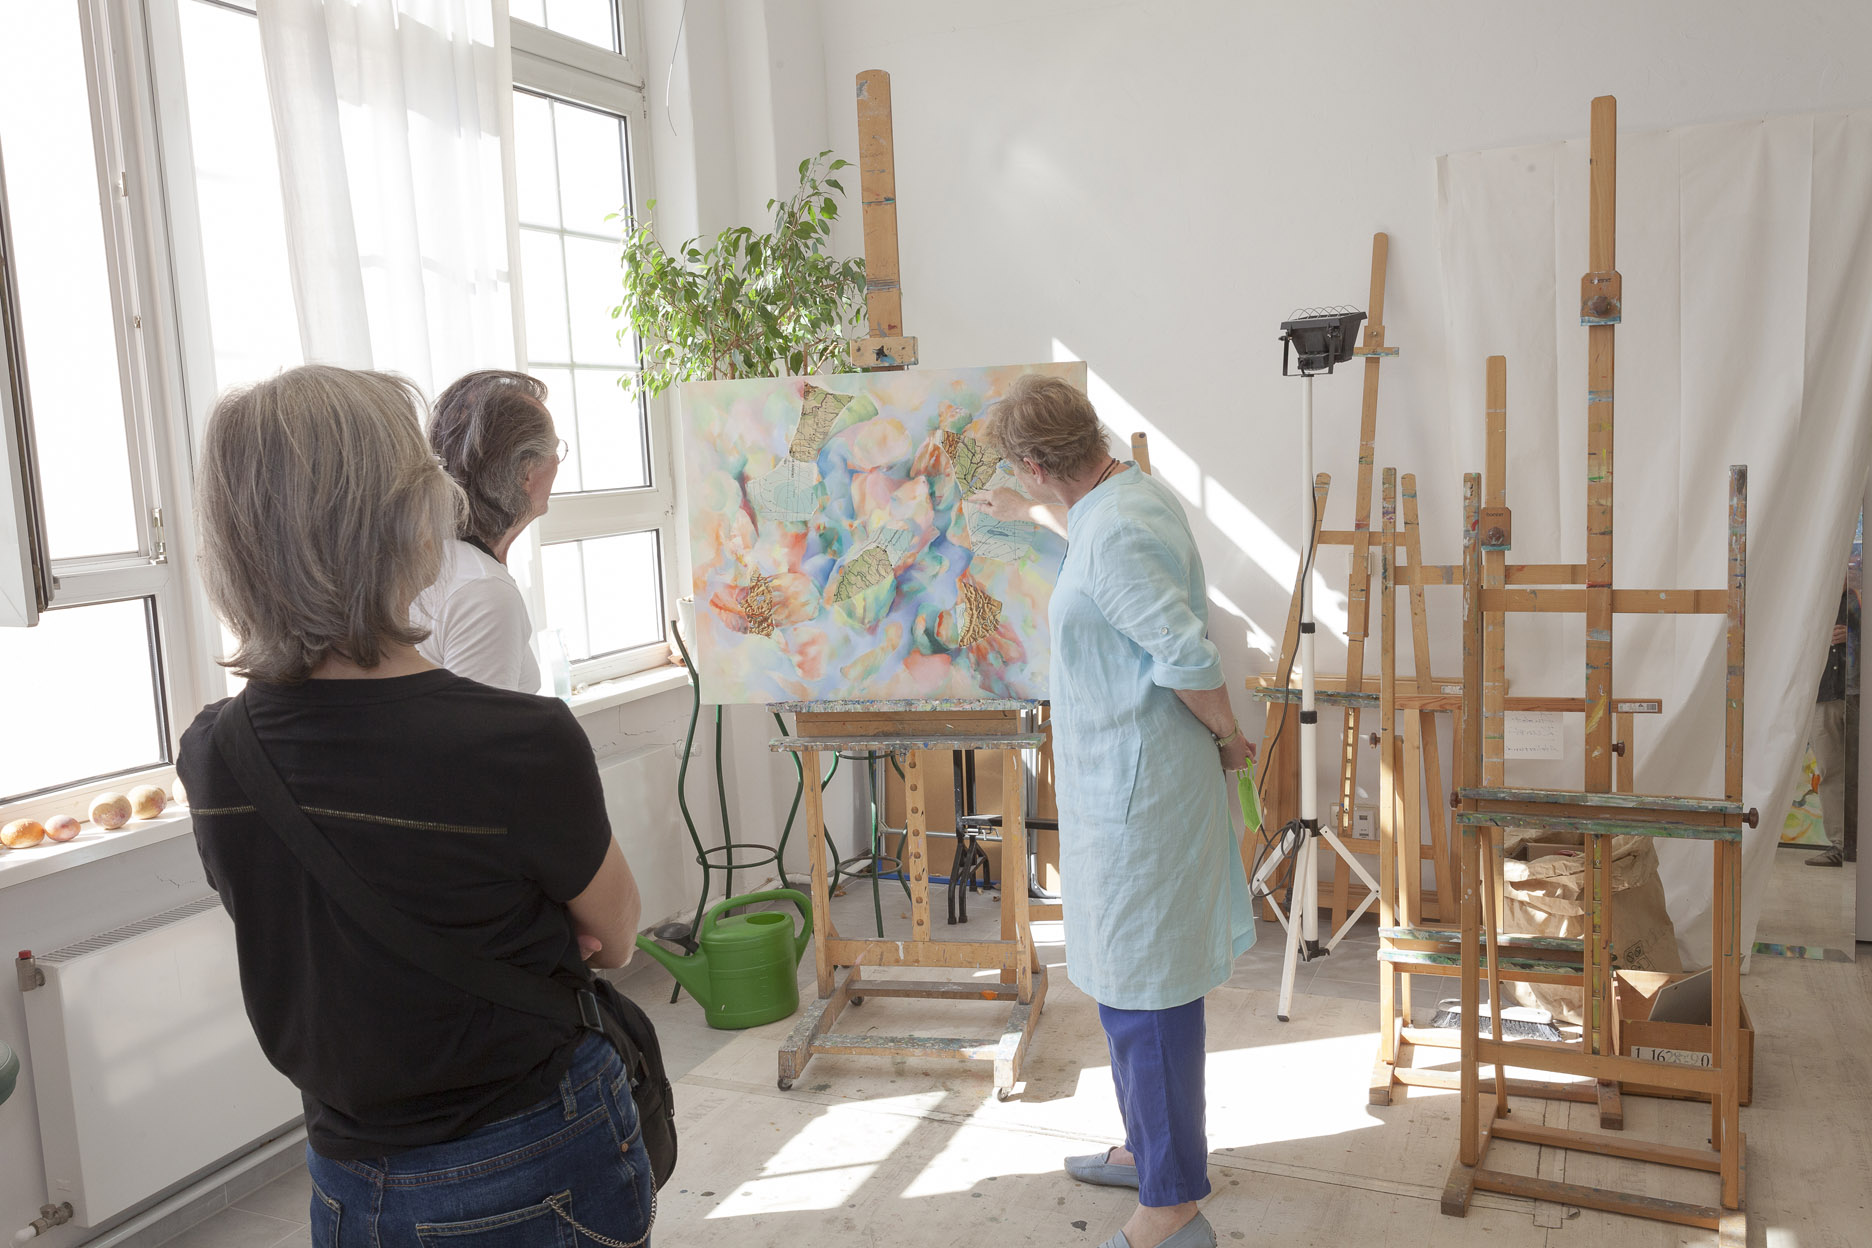 Atelierspaziergang am 14.08.2021, mit Dr. Peter Funken, Atelier Schneider